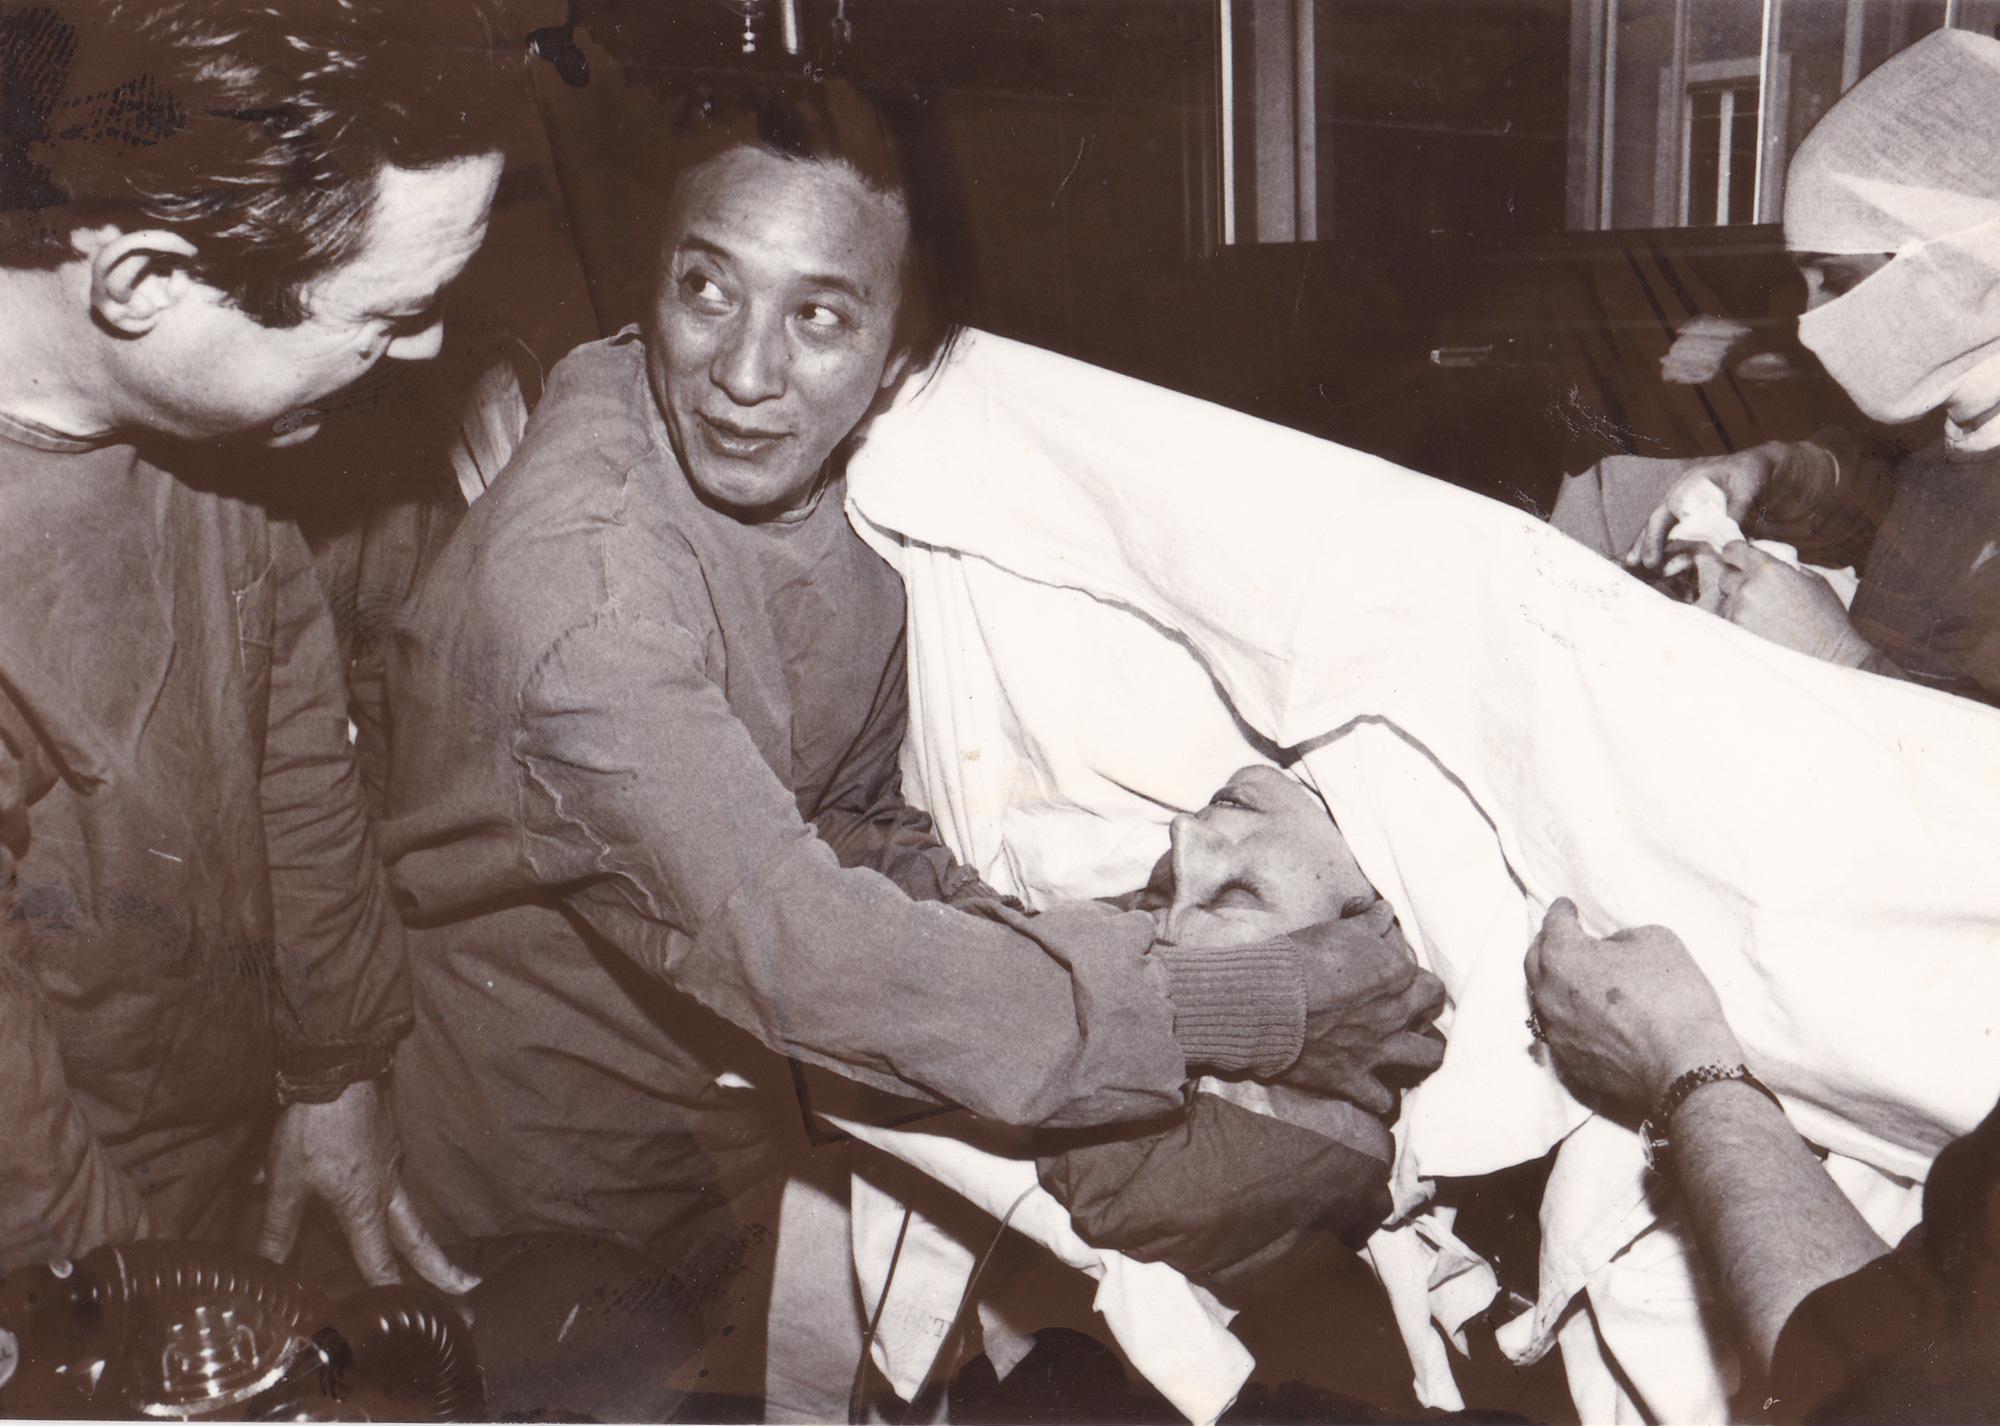 """""""Còn tình yêu ở lại"""": Góc nhìn xúc động về bác sĩ, nhân viên y tế nhân Ngày Thầy thuốc Việt Nam - Ảnh 1."""